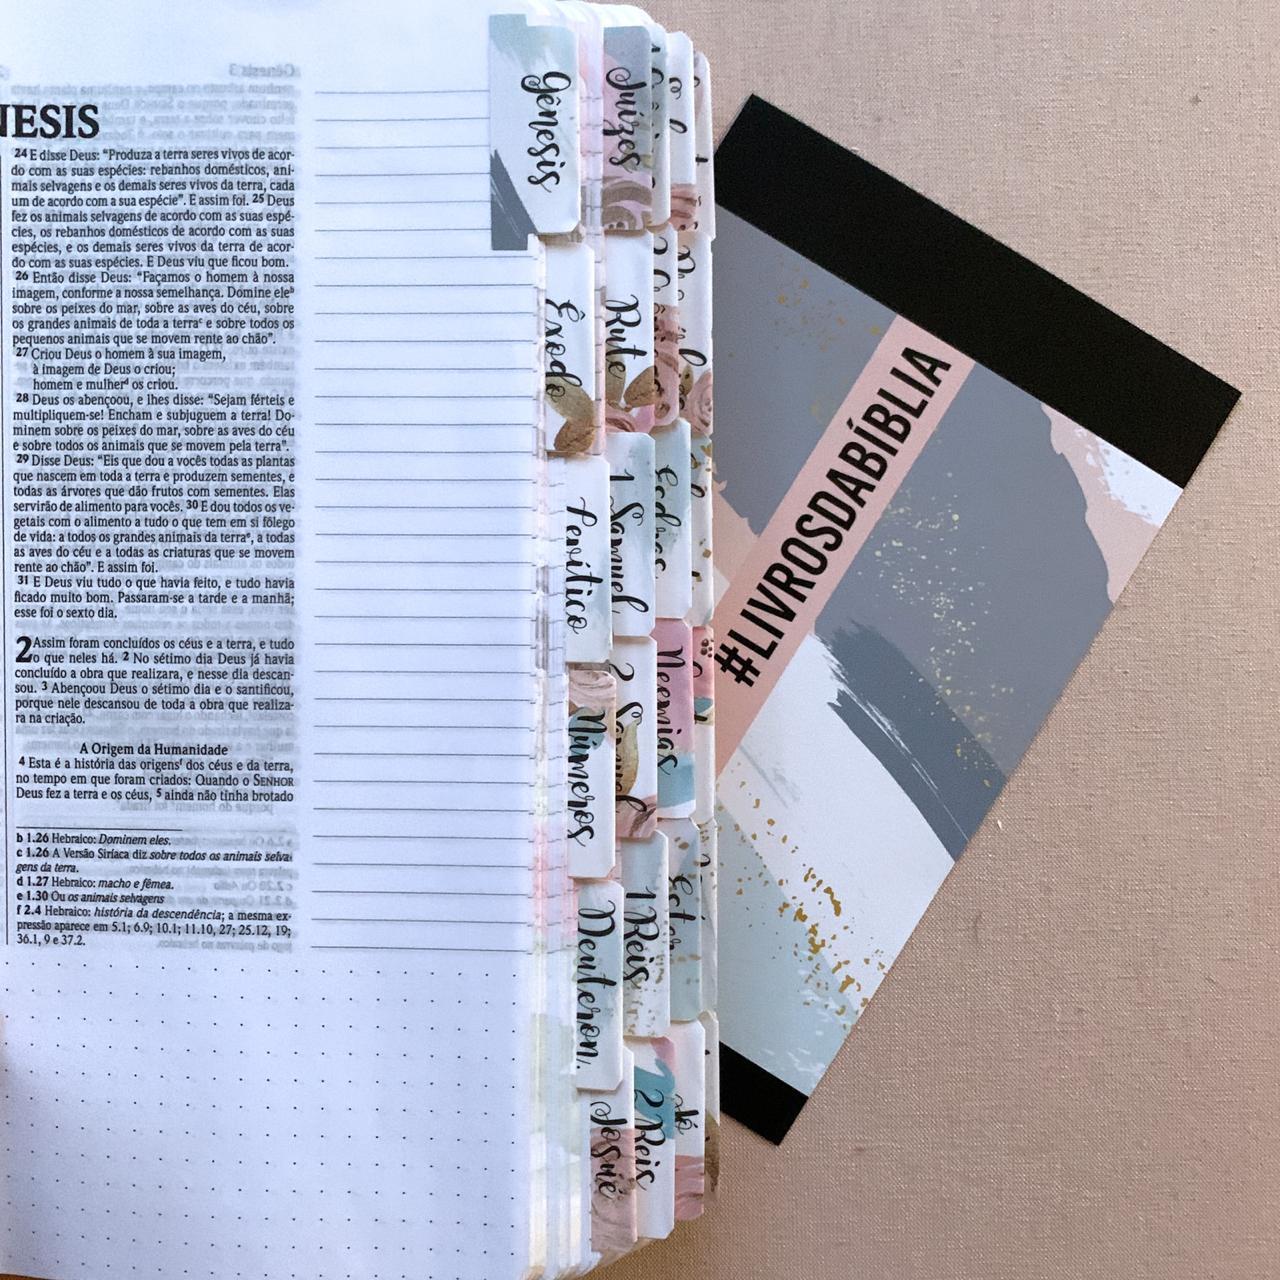 Bíblia Fé Ilustrada + Abas Florais (EXCLUSIVO)